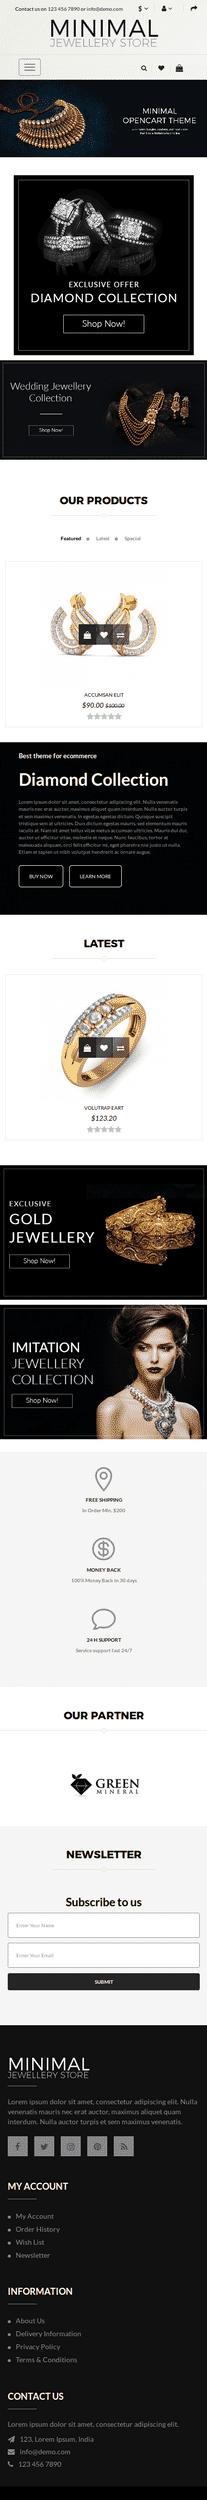 Minimal Jewellery Mobile (1)